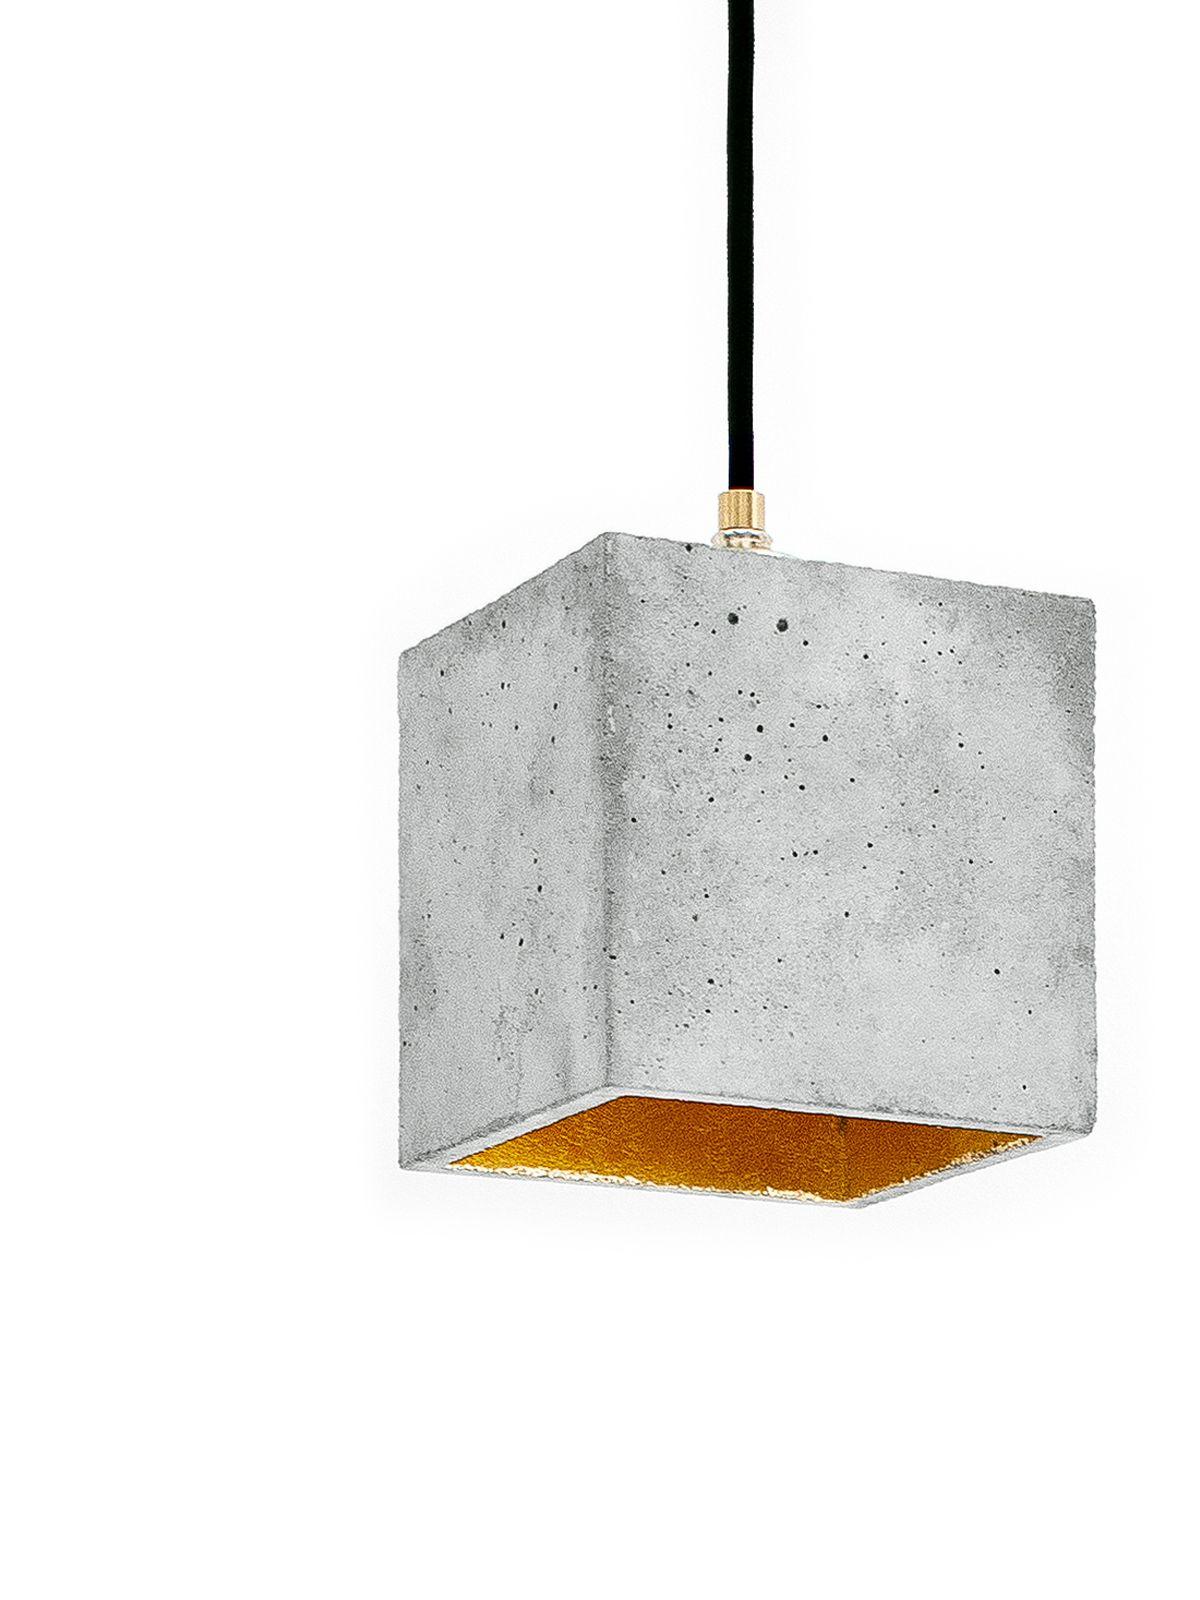 Betondesign Sicht Beton Moderne Lampen Design Lampen Gant Lampen Loft Design Loft Beleuchtung Loft Lampen Industriedesign Indu Design Lampen